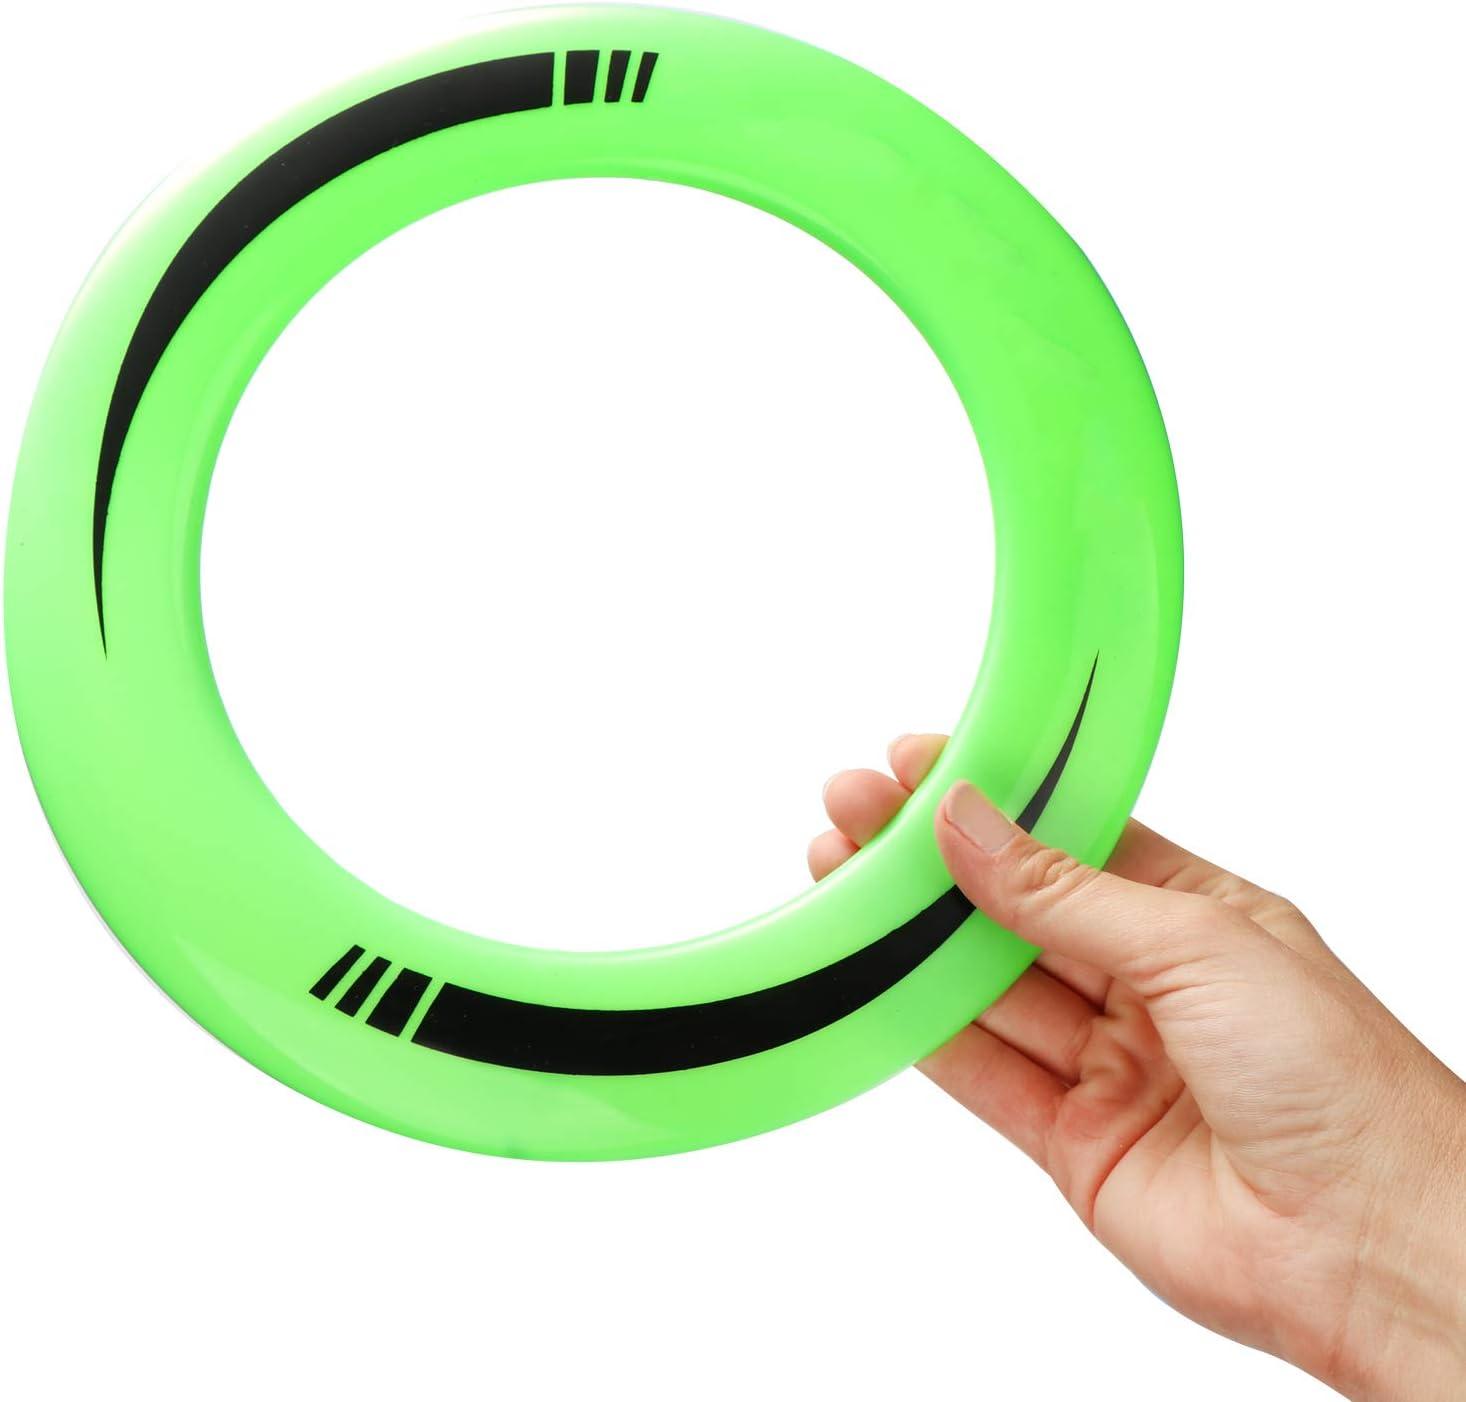 Bumer/án y Anillo de Lanzamiento Juguetes de Lanzamiento para ni/ños y Adultos 6 Partes - Colorido com-four/® Juego de 6 Piezas de bumer/án con Frisbee